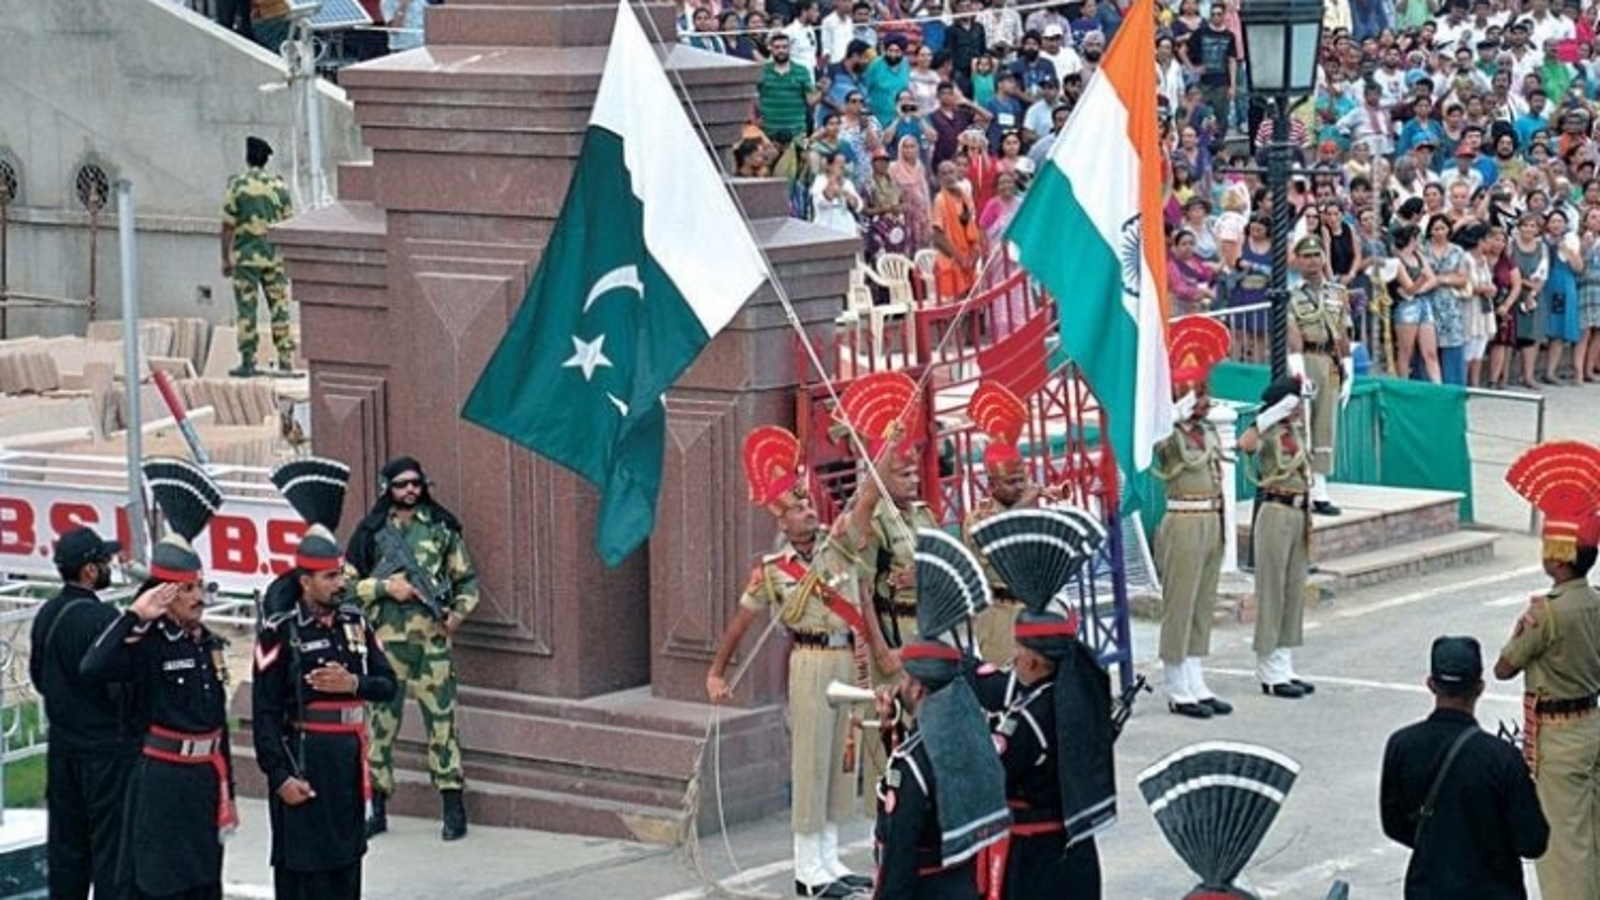 Ấn Độ, Pakistan bí mật tiếp xúc nhằm hàn gắn quan hệ song phương